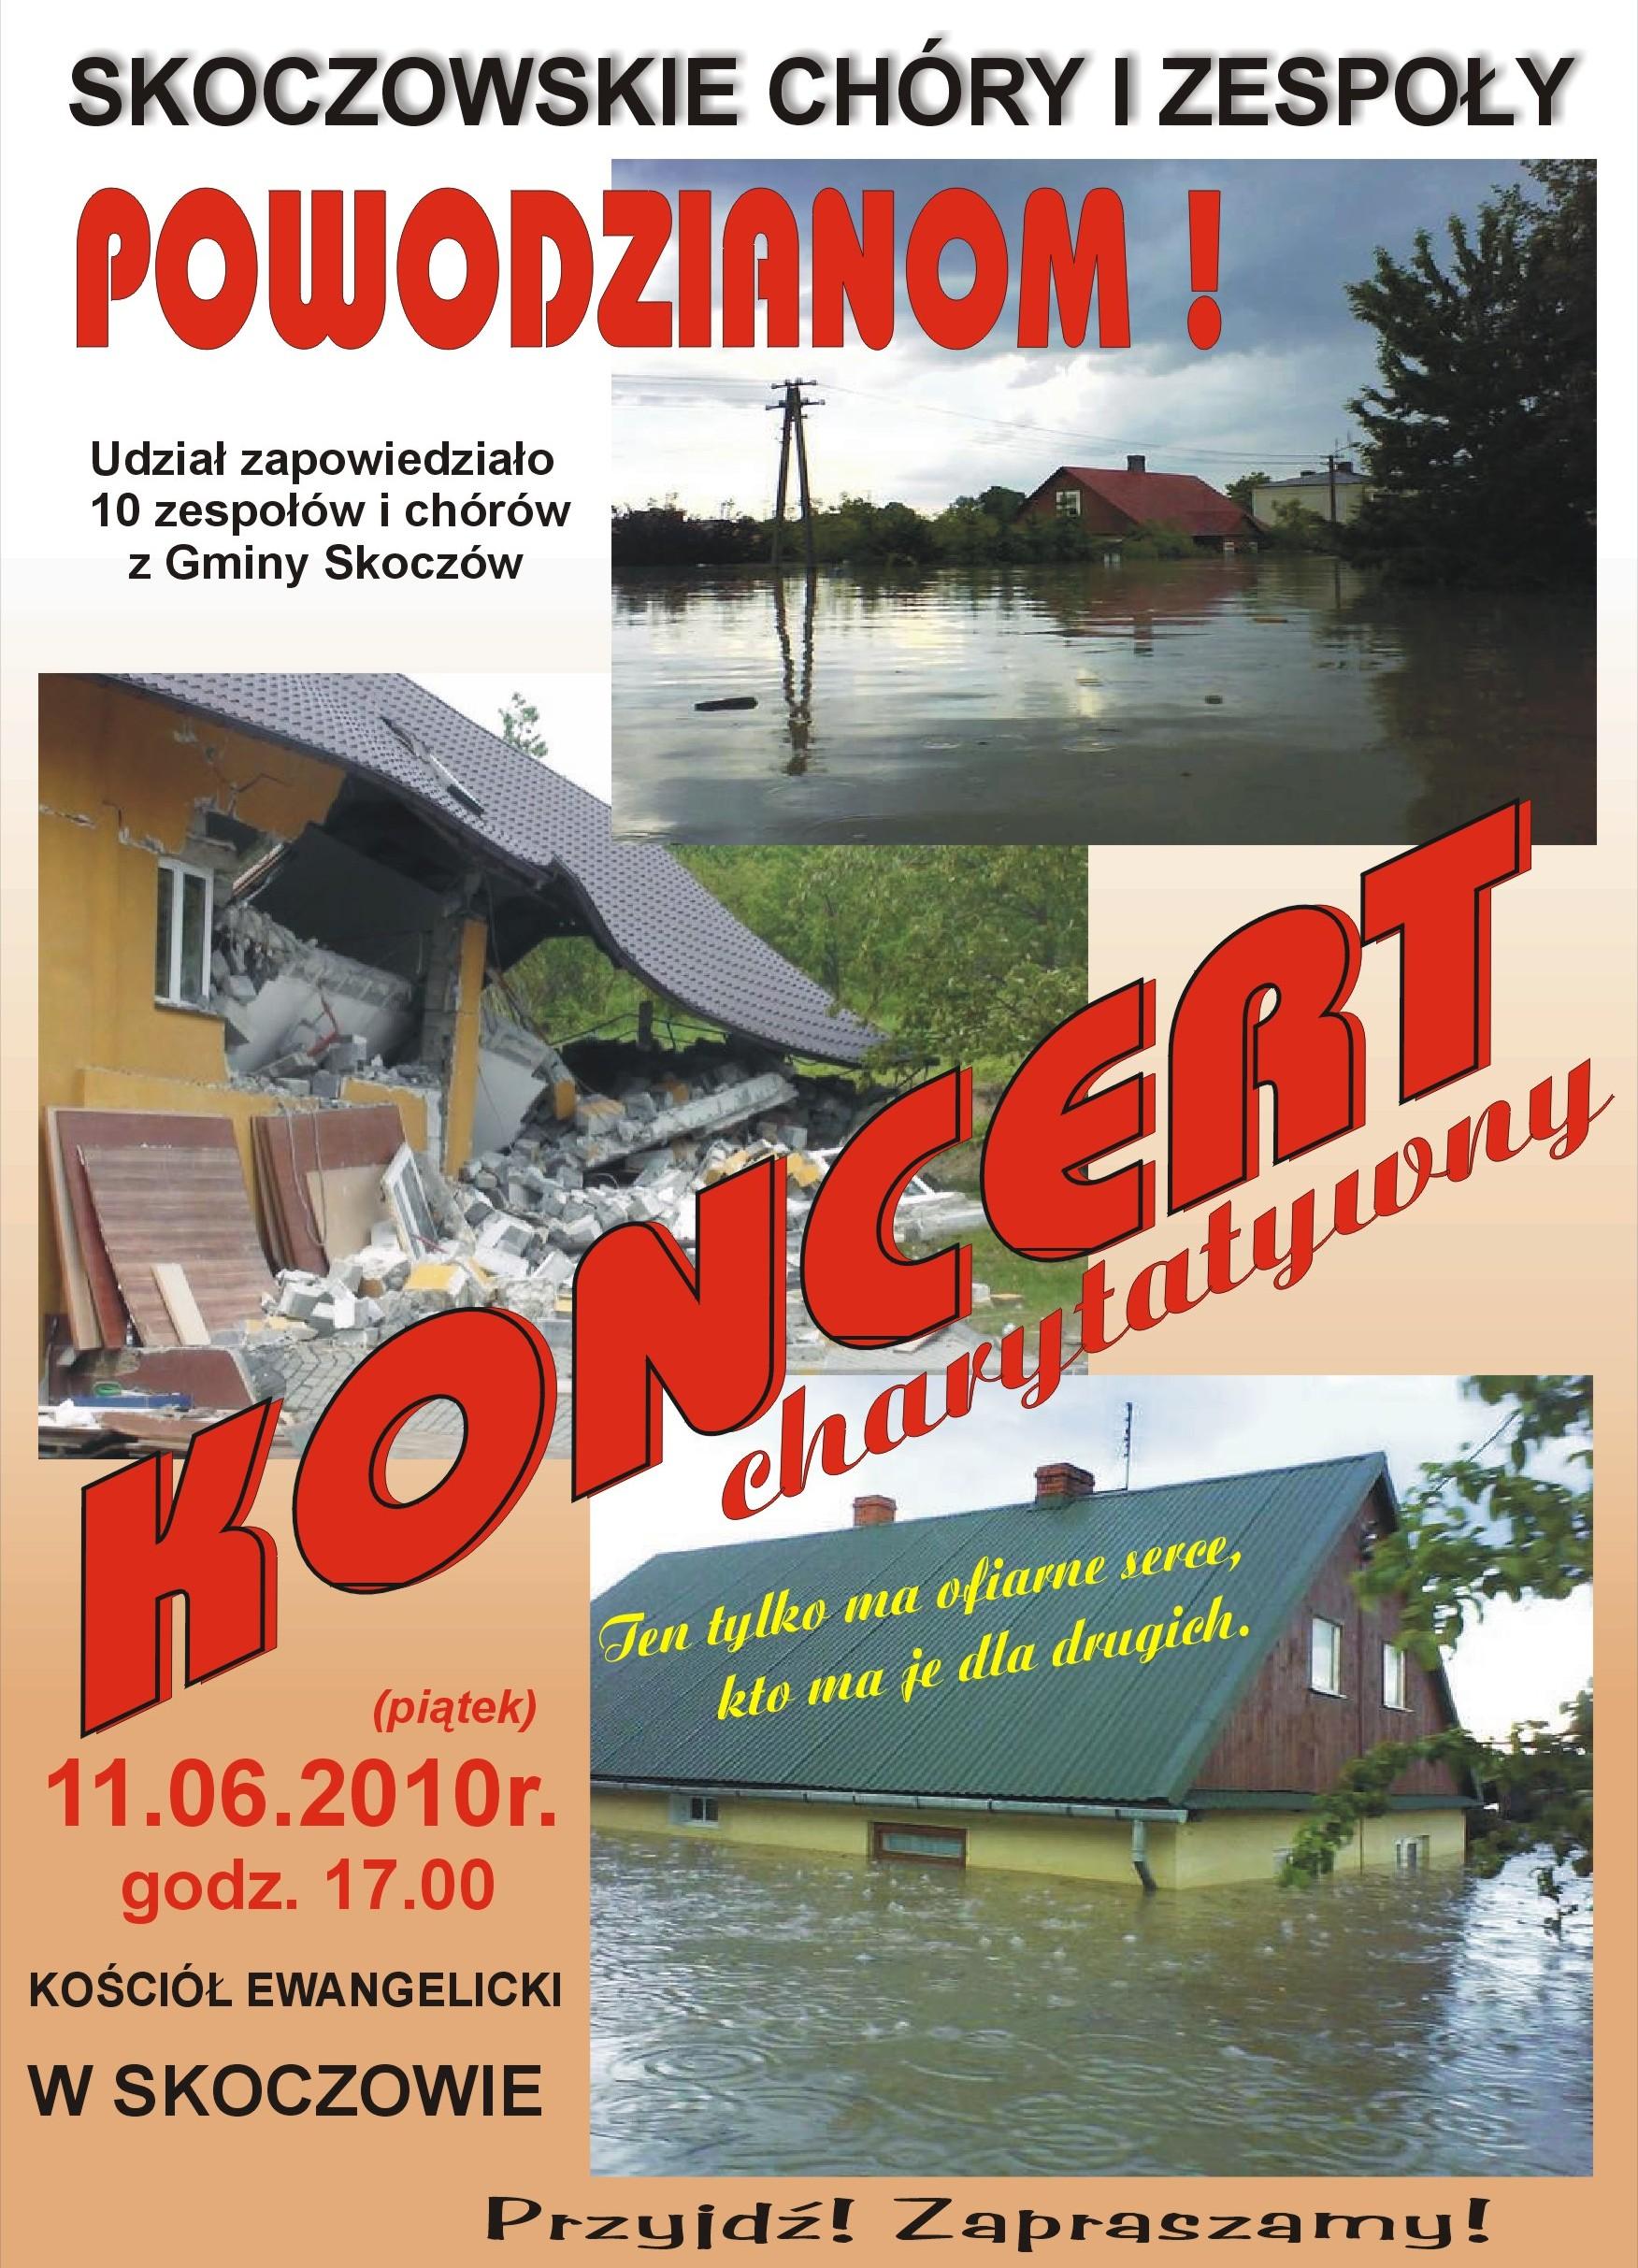 2010-koncert-powodzianom